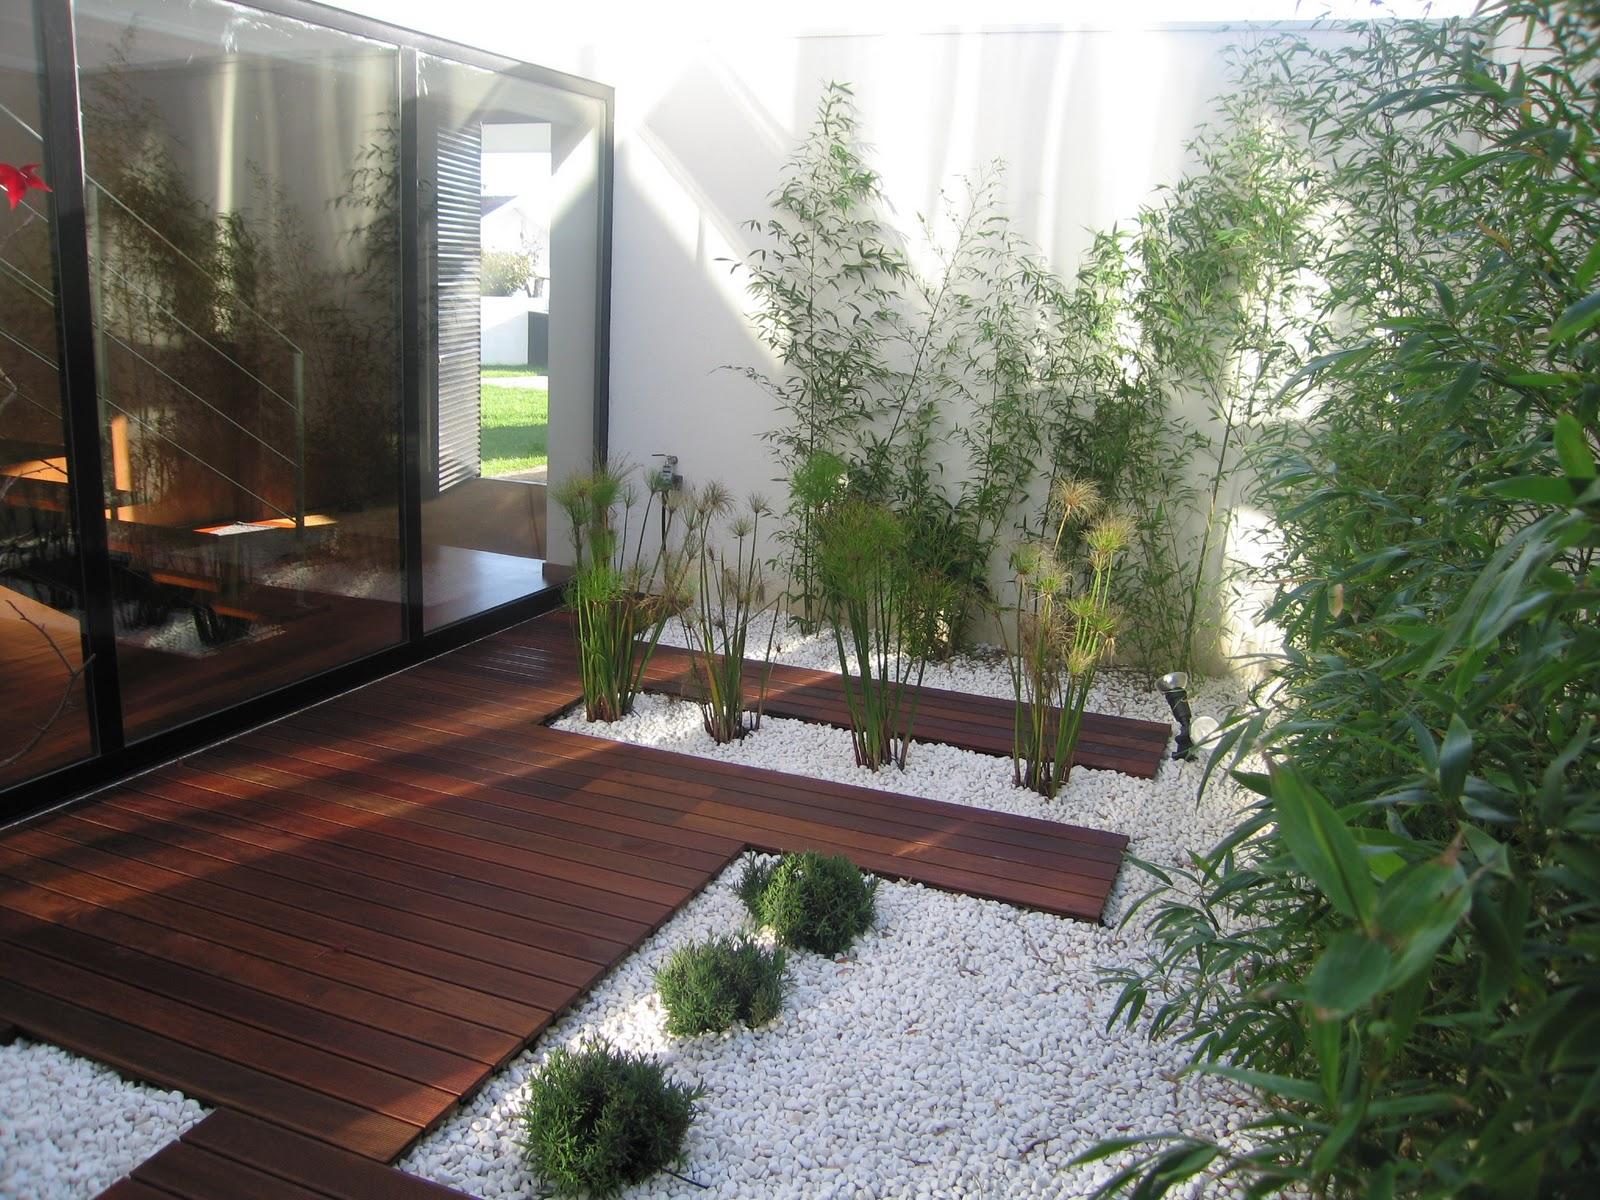 Jardim-de-inverno-com-piso-de-madeirajpg